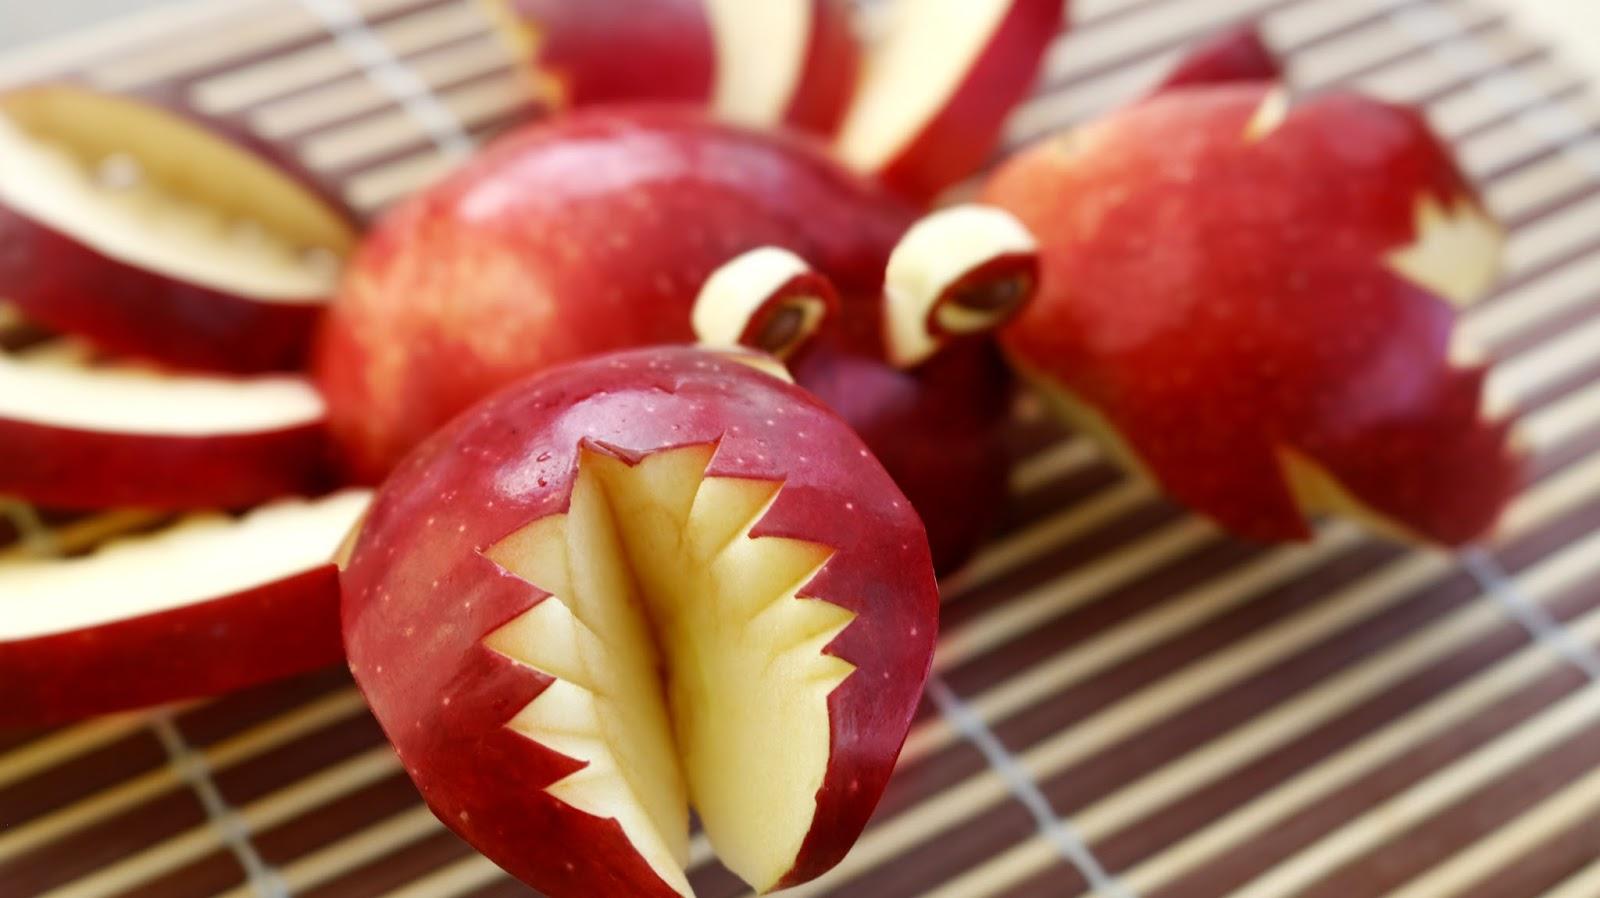 Красивая фруктовая нарезка из фруктов разных видов фото, фруктовый карвинг фото идеи